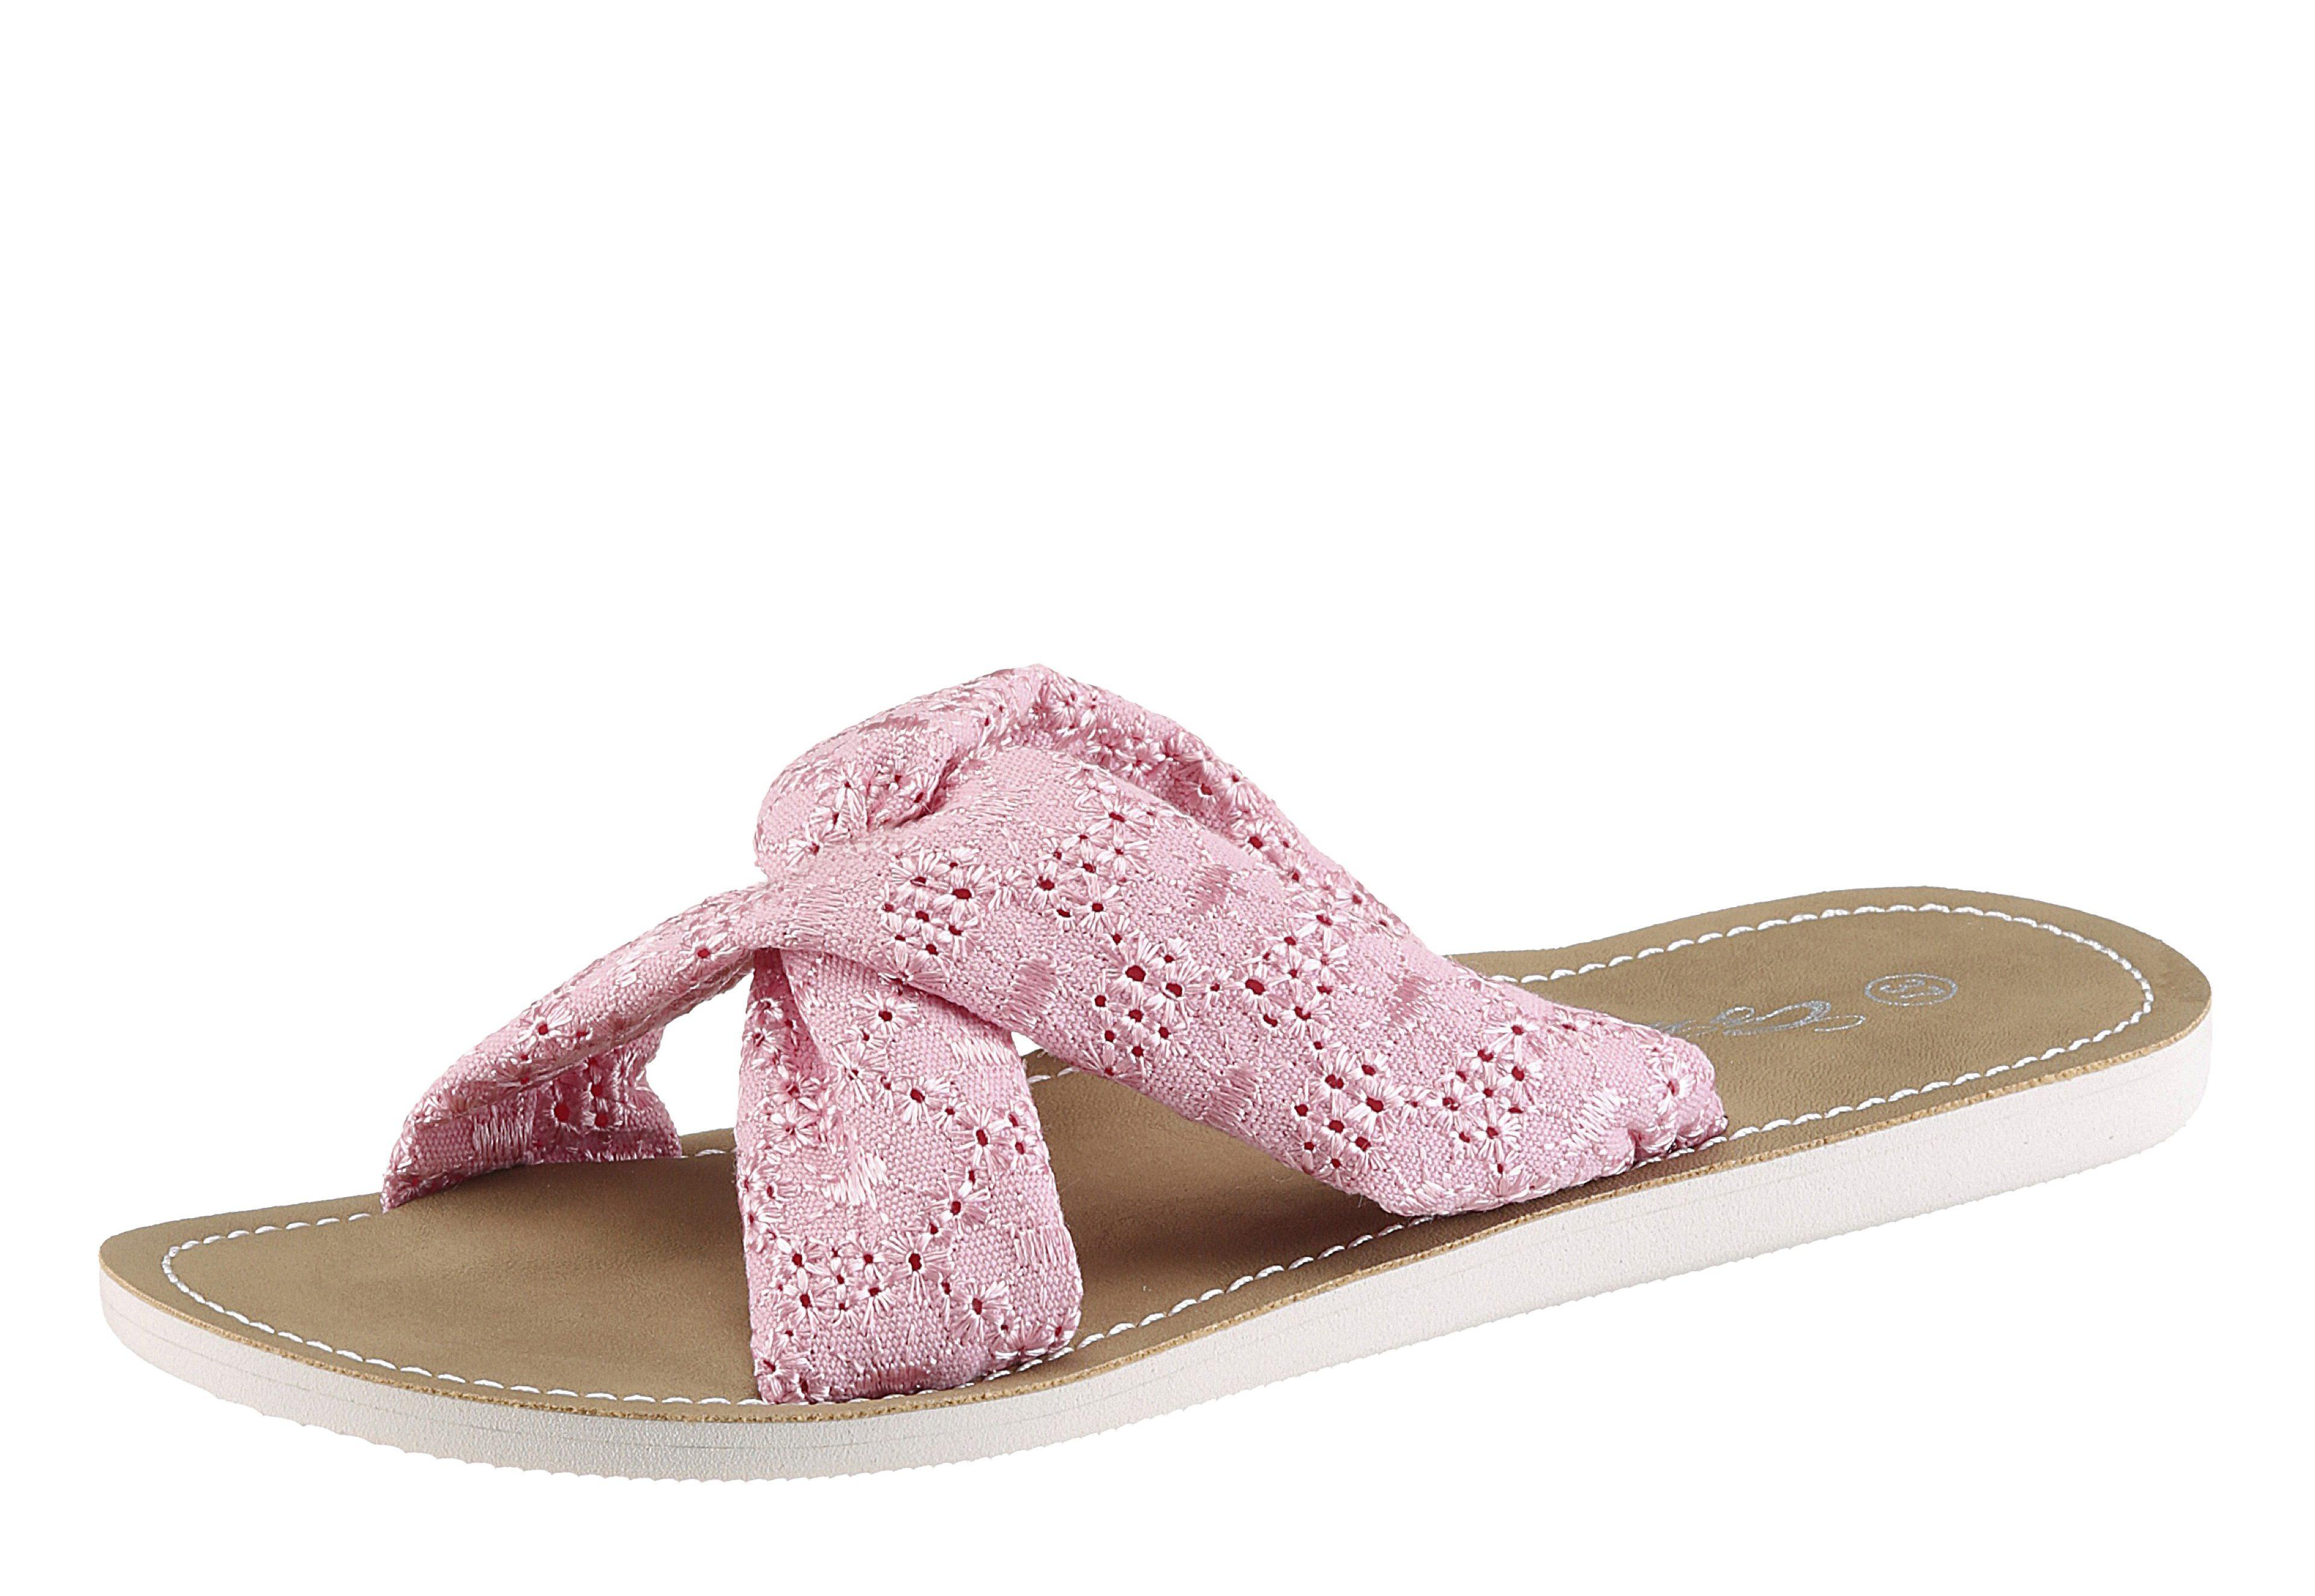 VERBENAS Pantolette, mit ergonomisch geformtem Fußbett, rosa, EURO-Größen, pink